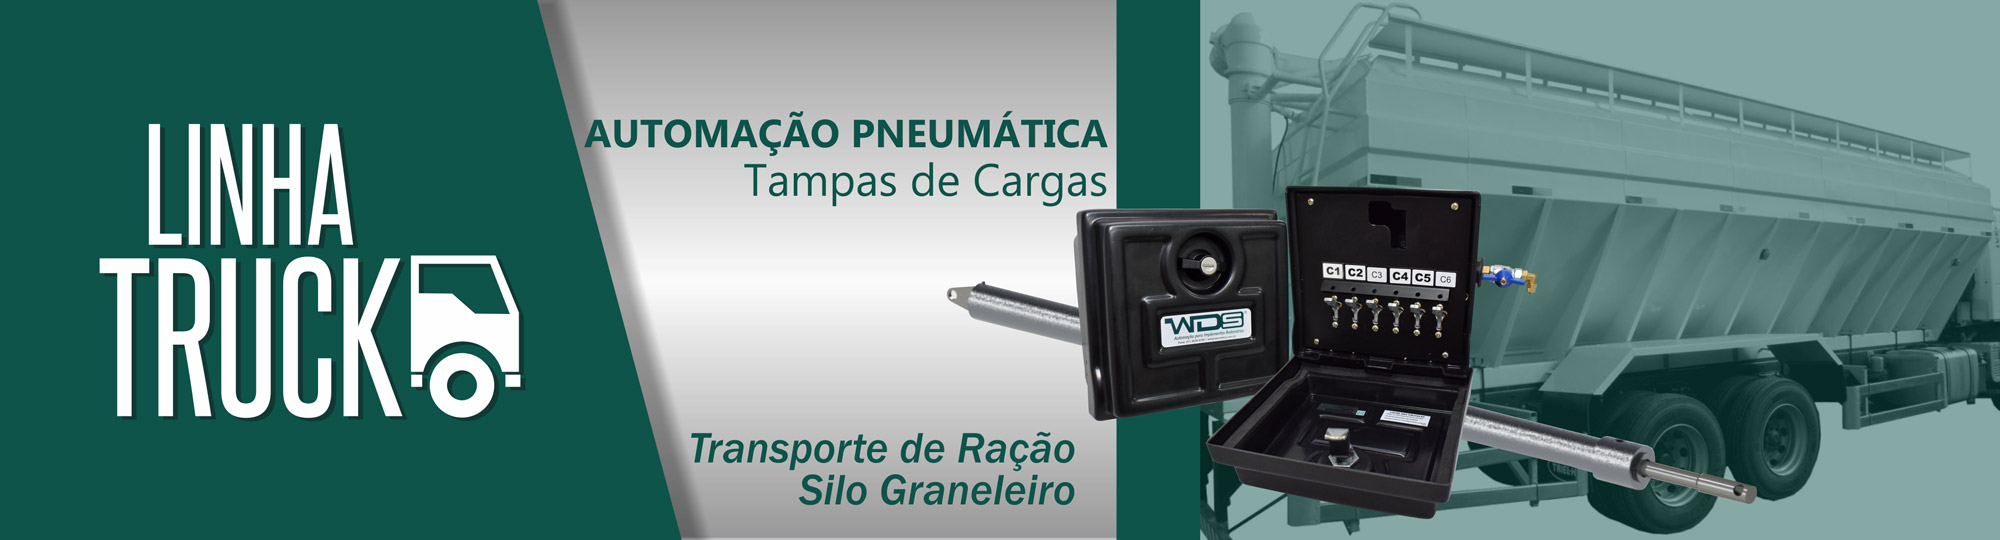 banner-Automação-Tampas-Silo-Graneleiro